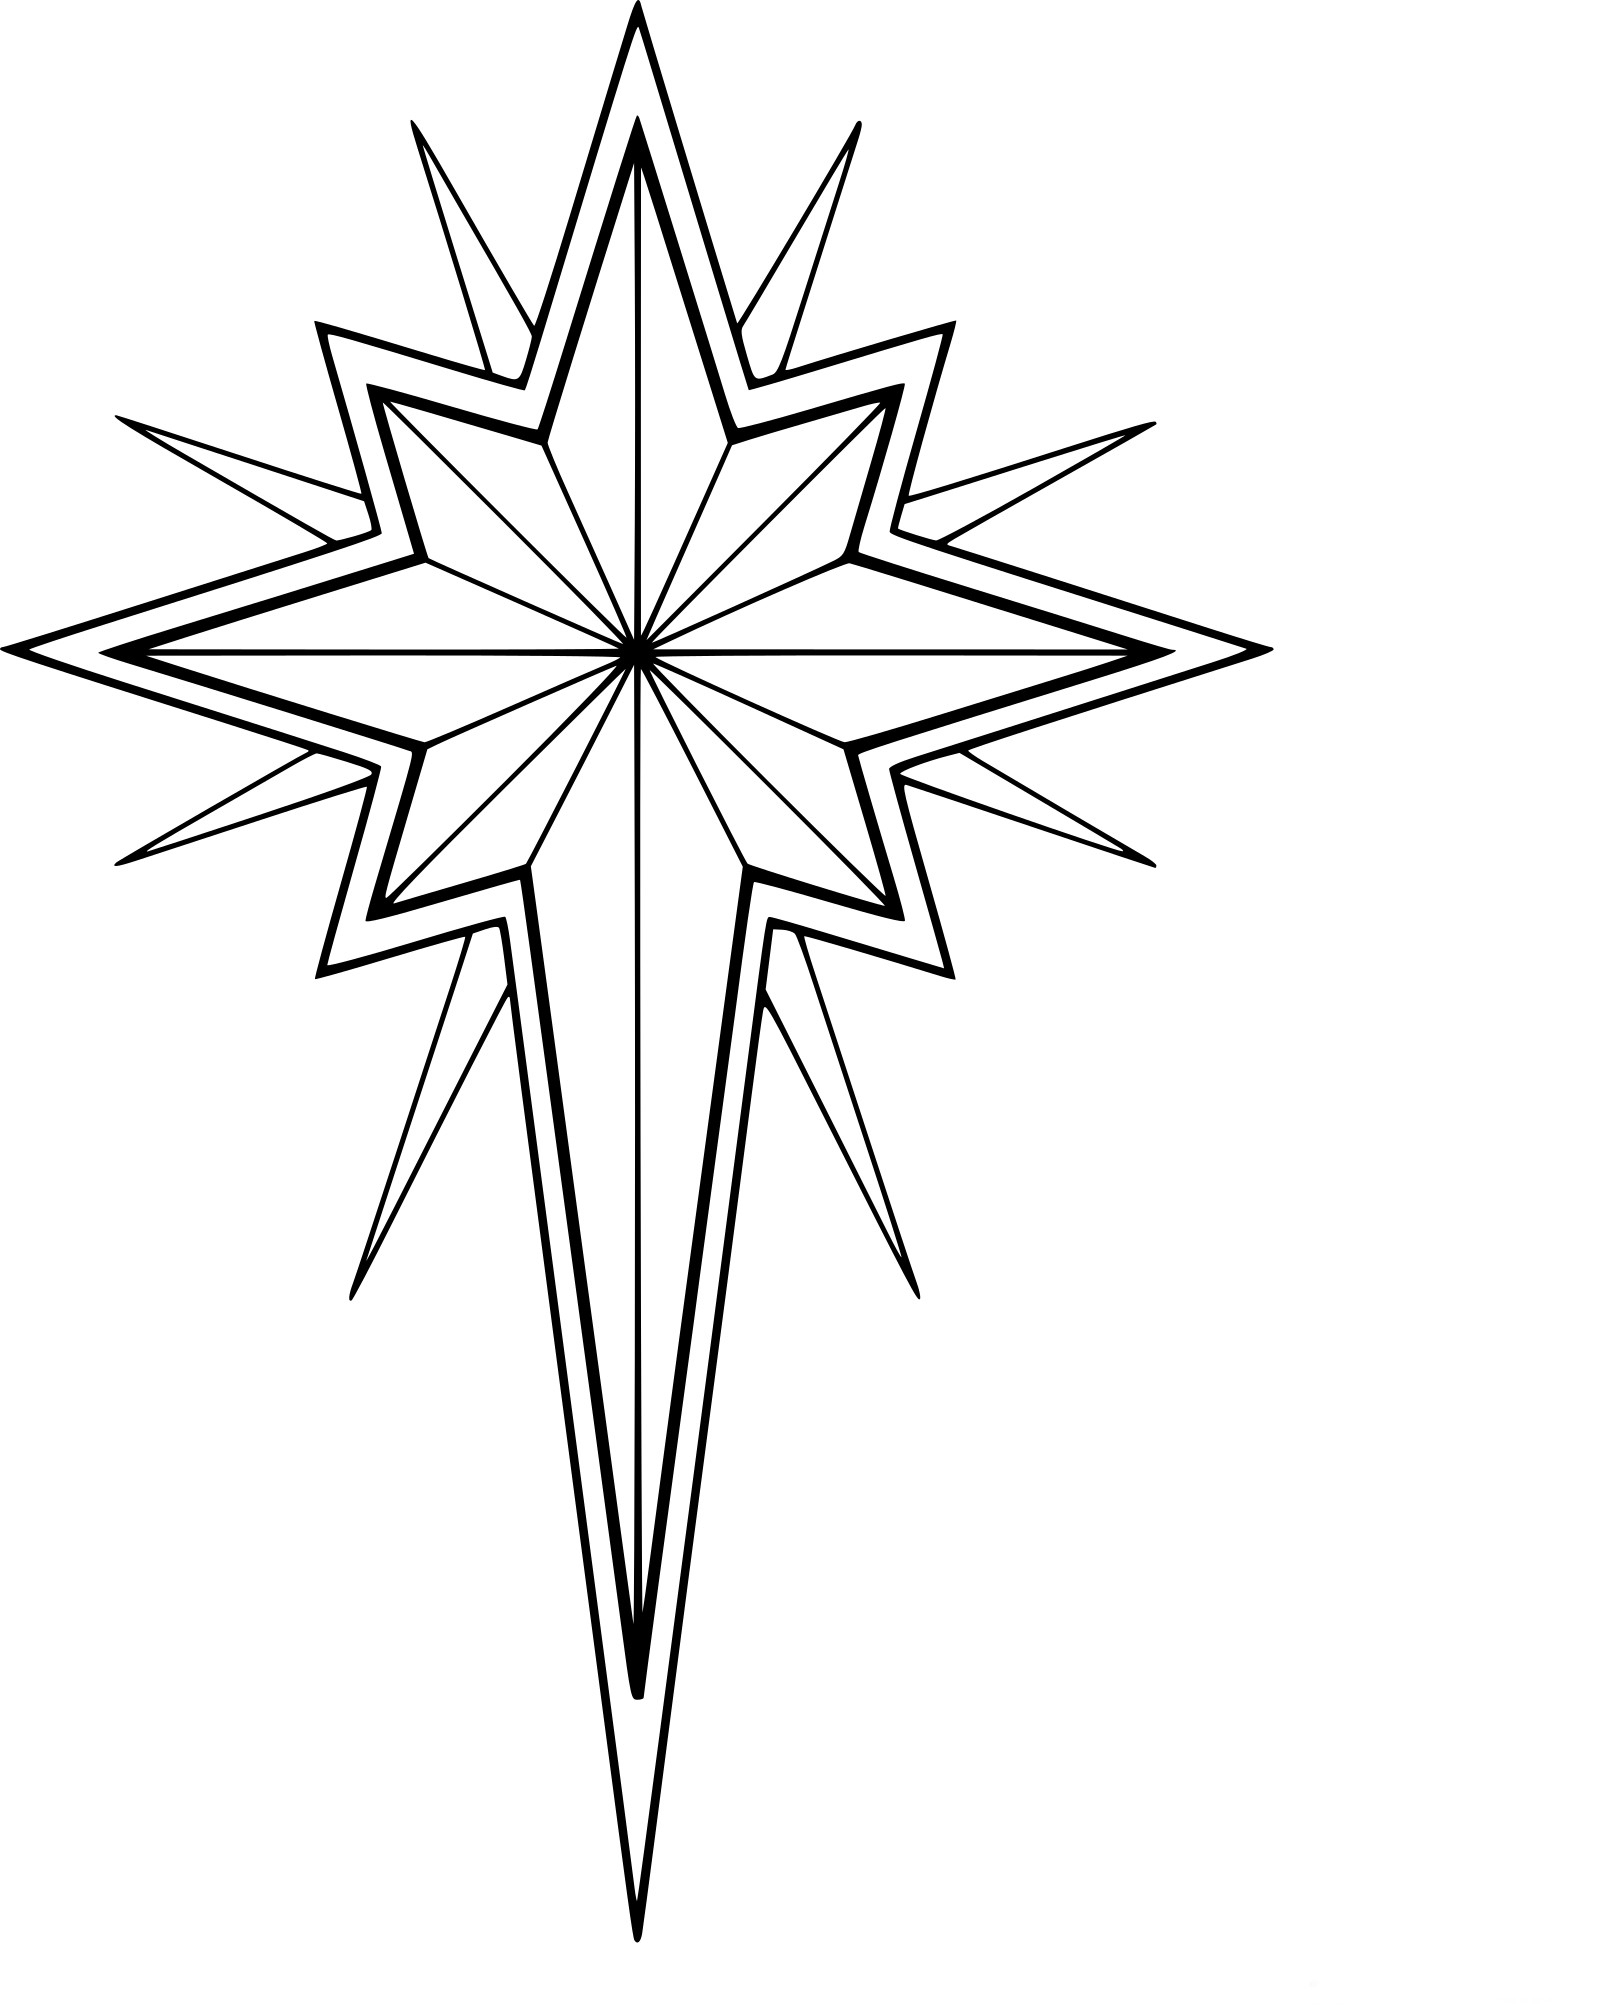 Coloriage Etoile De Noel À Imprimer Sur Coloriages destiné Coloriage Étoile Filante